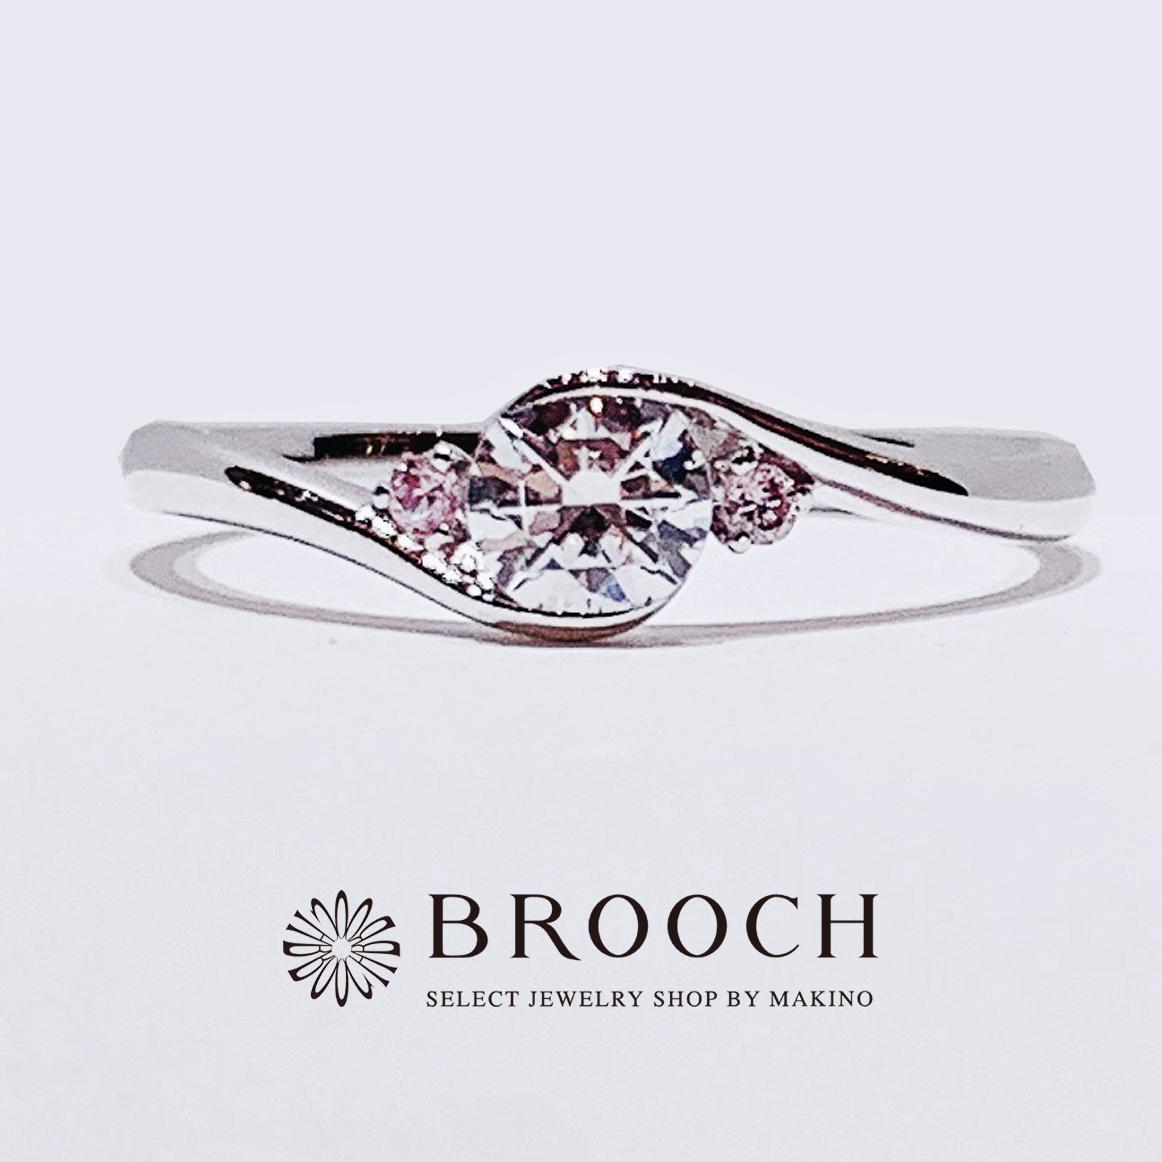 BROOCH 婚約指輪 エンゲージリング かわいい ウェーブデザイン両サイドピンクダイヤ